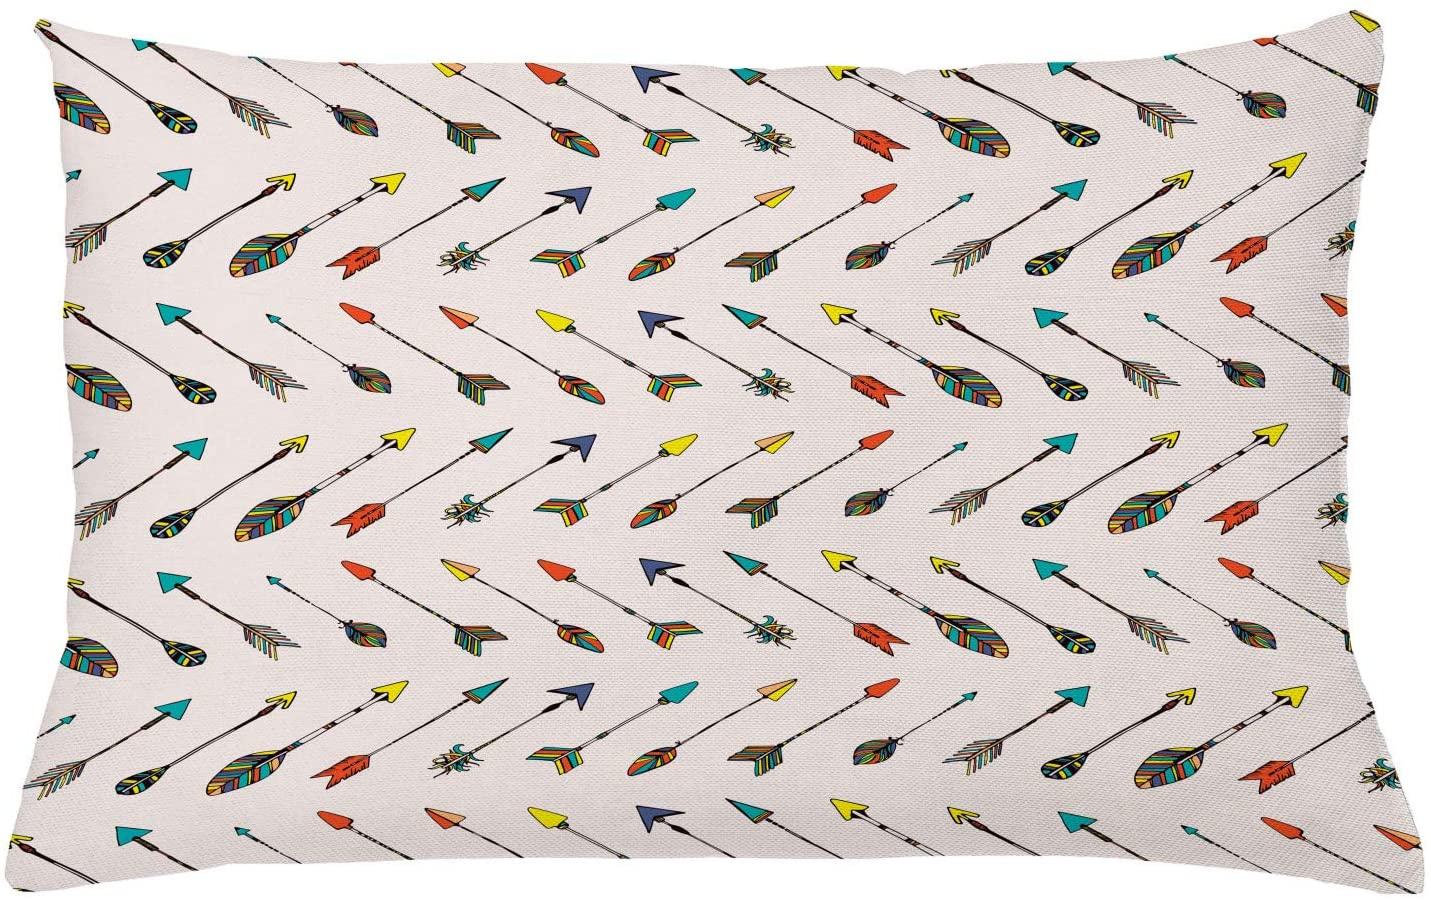 Lunarable Arrows Throw Pillow Cushion Cover, Arrows Design Vibrant Color Arrowheads Arrowtails Pattern Aztec Artwork, Decorative Rectangle Accent Pillow Case, 26 X 16, Turquoise Orange